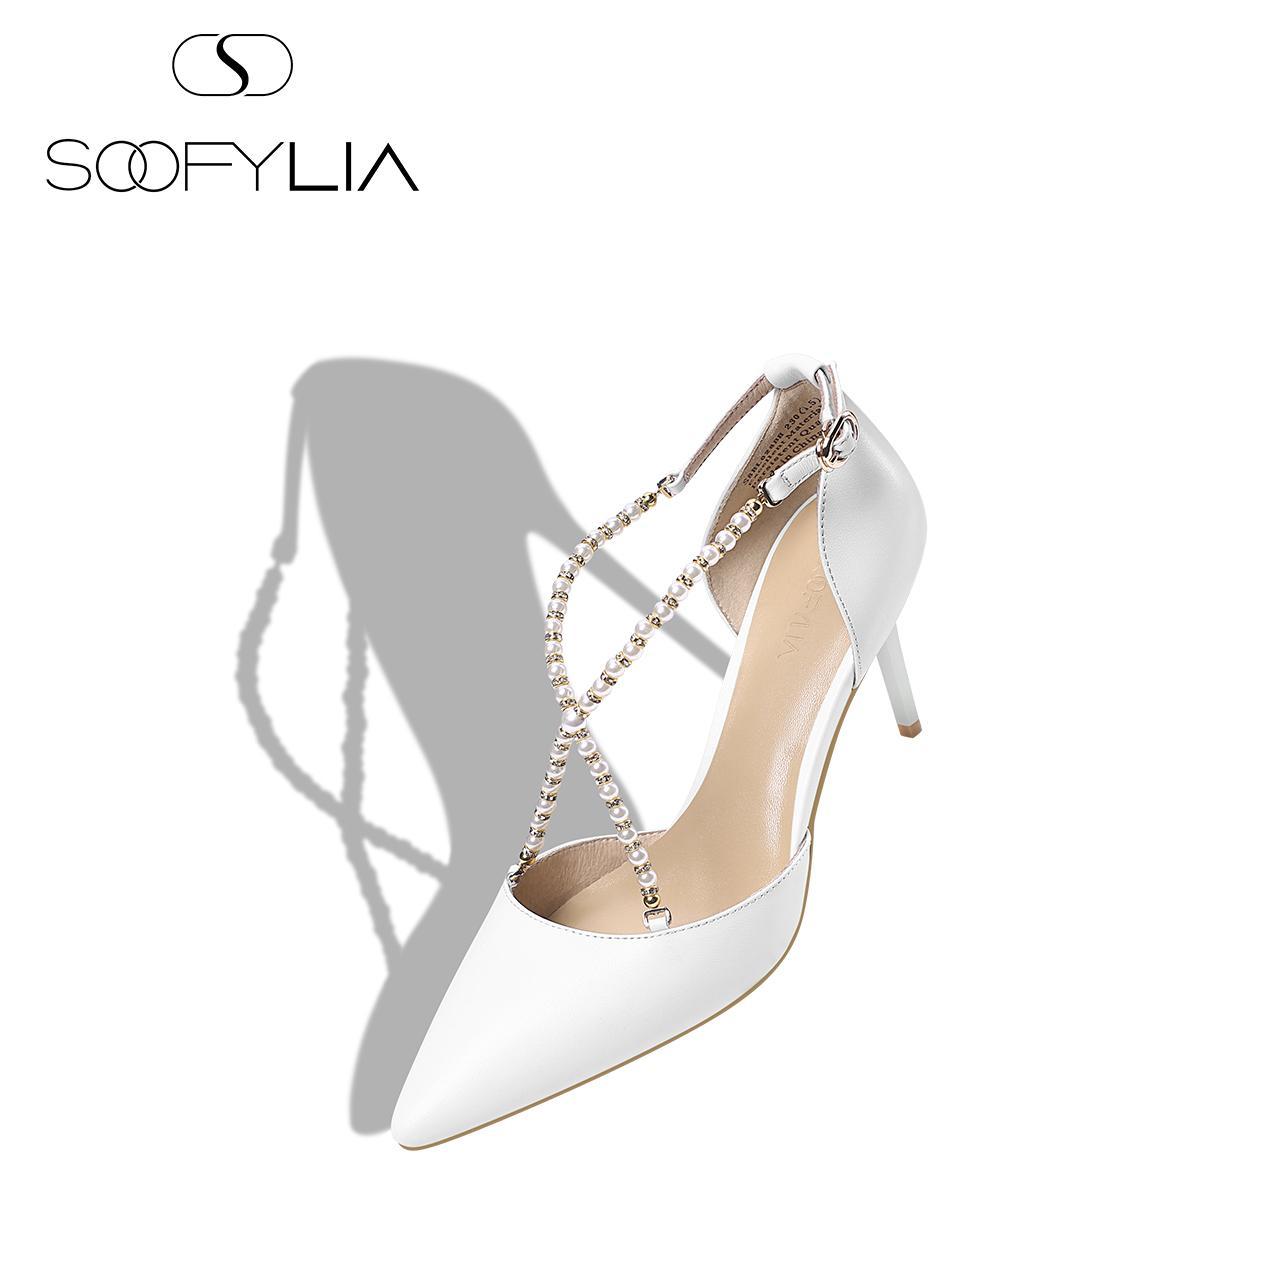 soofylia banquet chaussures style fashion de talon mouton petite pointe talon de aiguille délicate sandales chaussures femmes 9dc5a5